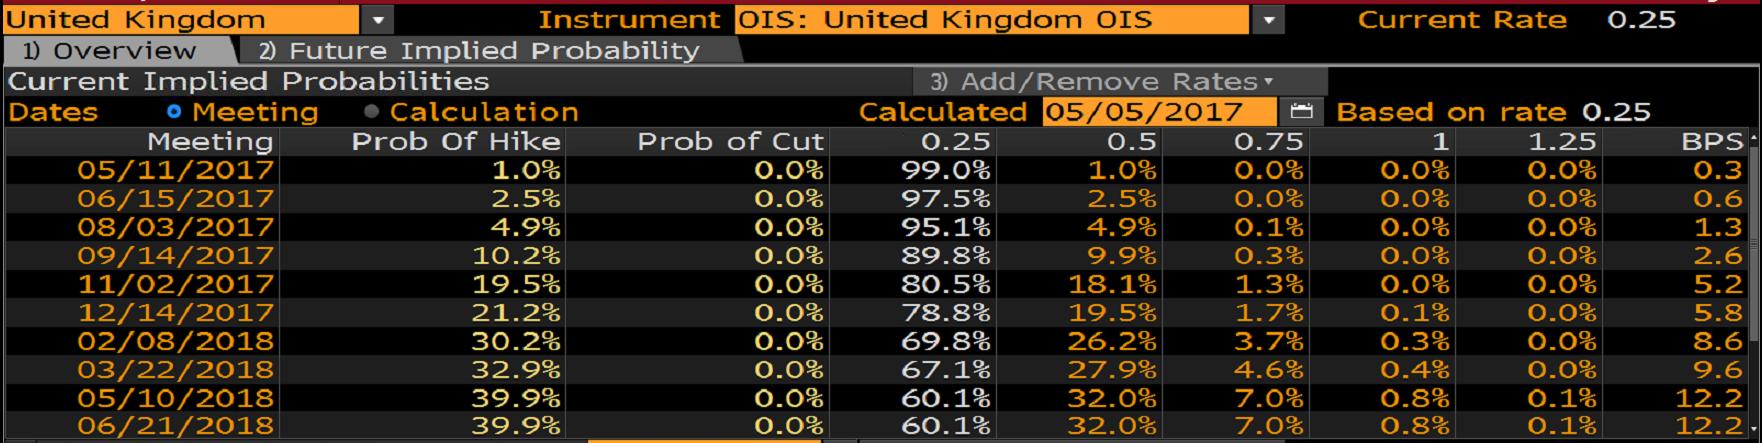 Prawdopodobieństwo podwyżki stóp procentowych w Wielkiej Brytanii liczonej na podstawie OIS